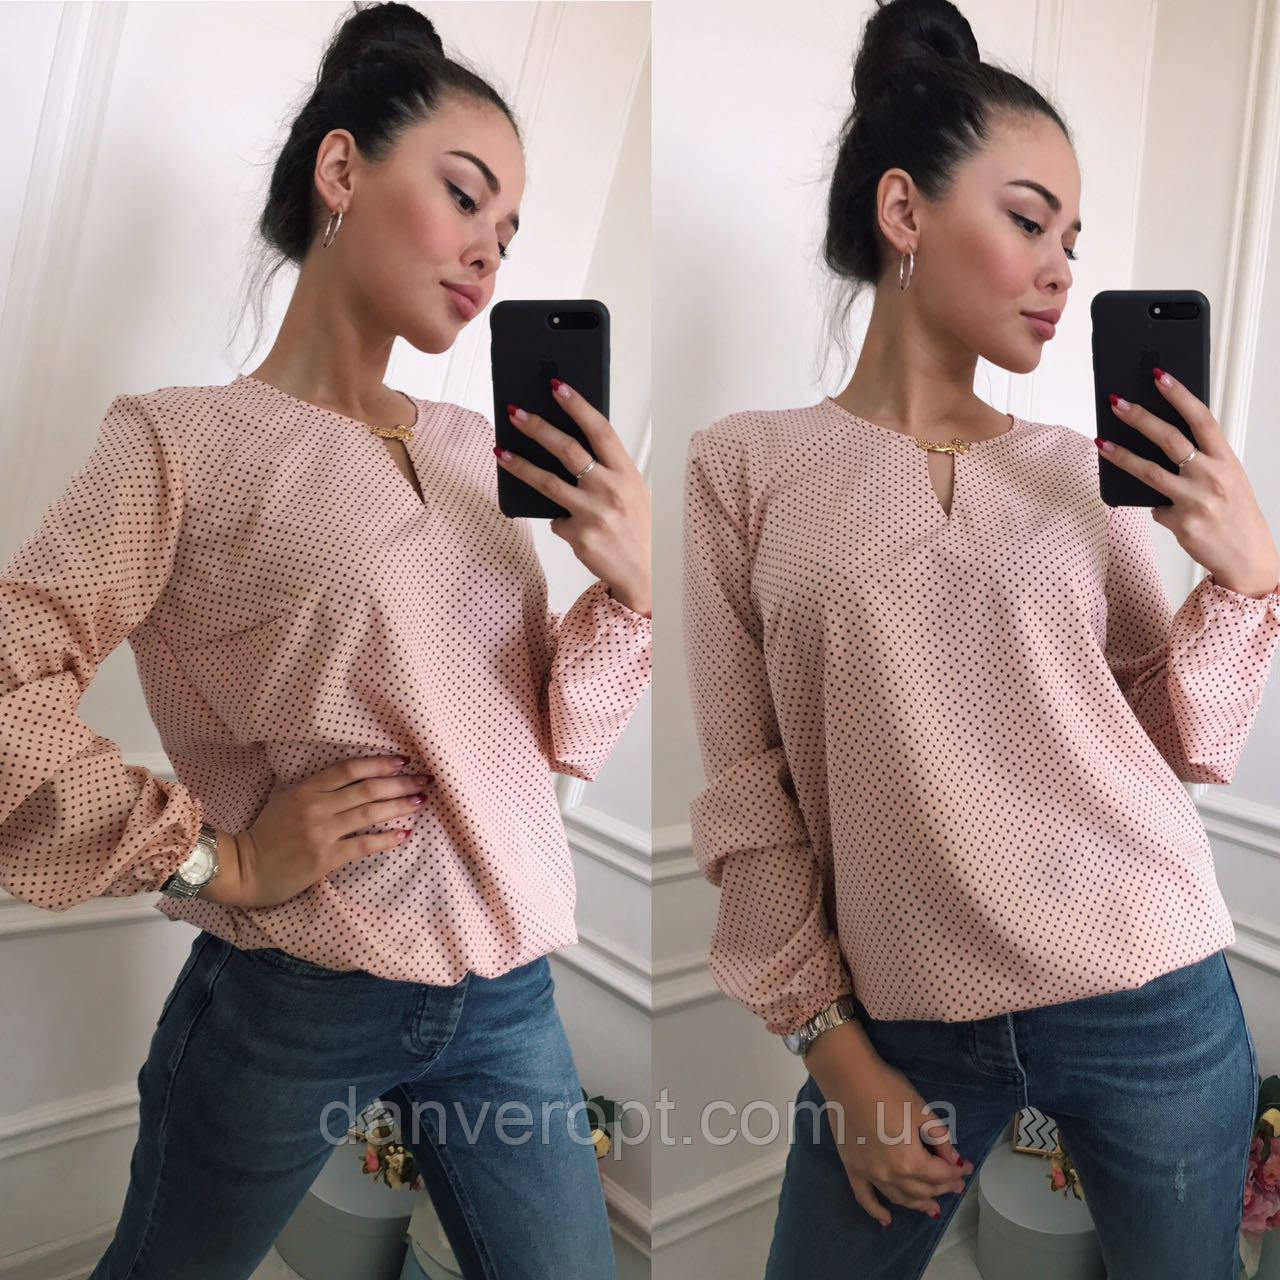 10ad61feef8d0 Блузка женская модная размер батал 50-56 купить оптом со склада 7км Одесса  - DANVERopt